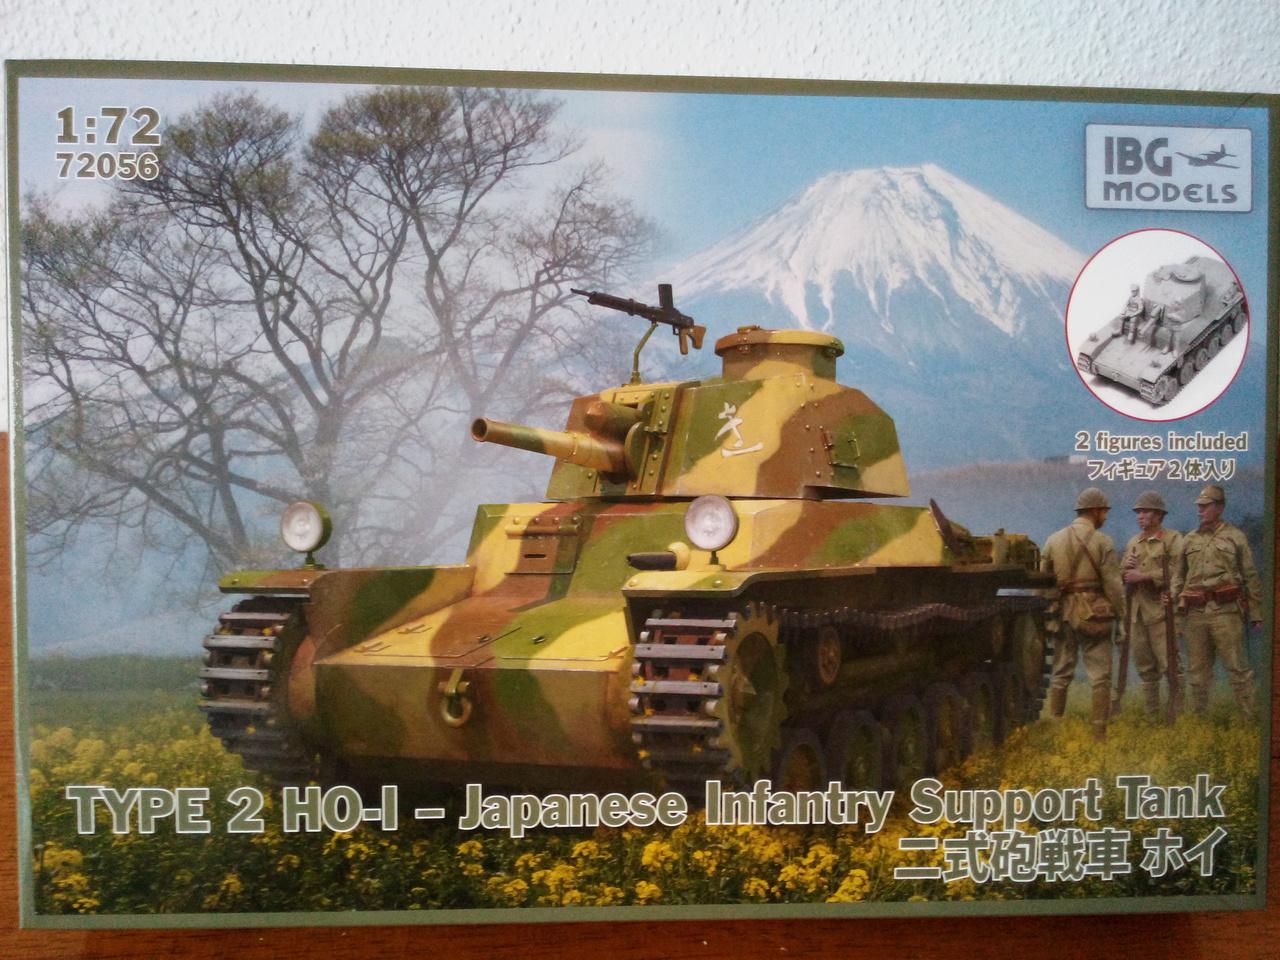 Type 2  HO-I    Japanese Infantry Suport Tank)  von IBG Img_20201229_121930slj8e